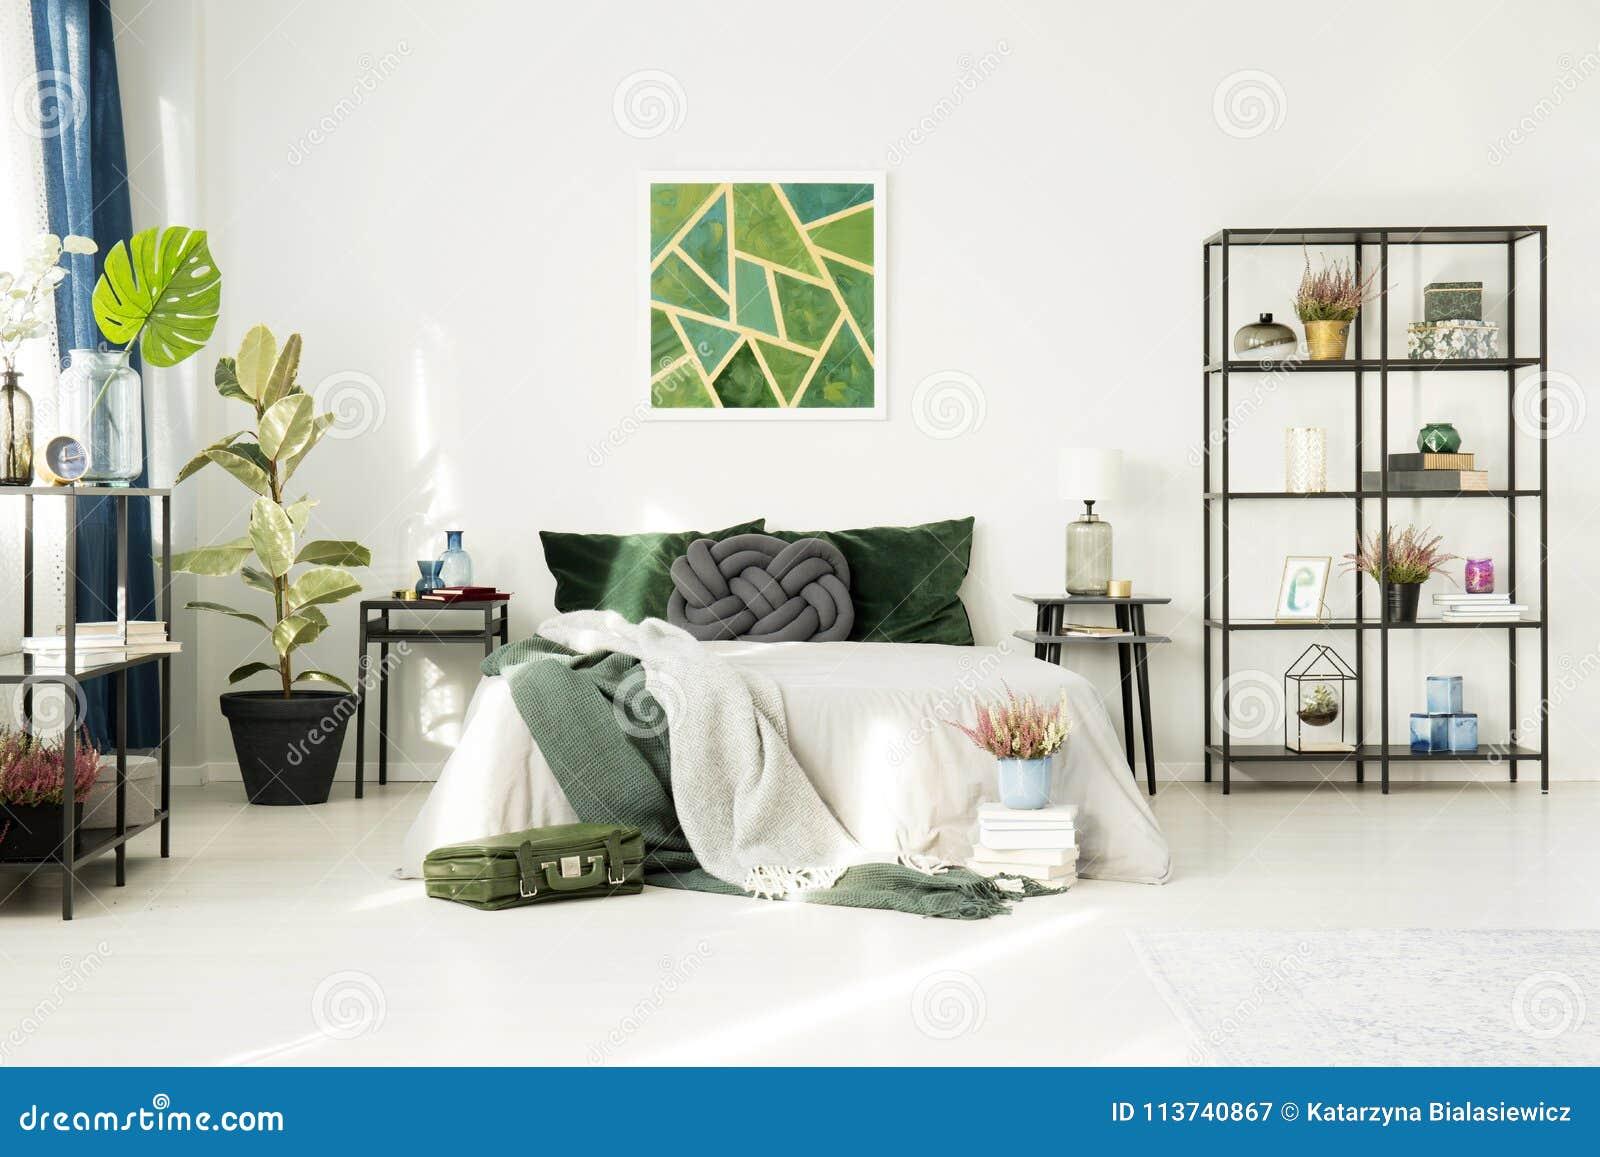 Camera Da Letto Verde Smeraldo : Camera da letto dell hotel con le decorazioni verde smeraldo